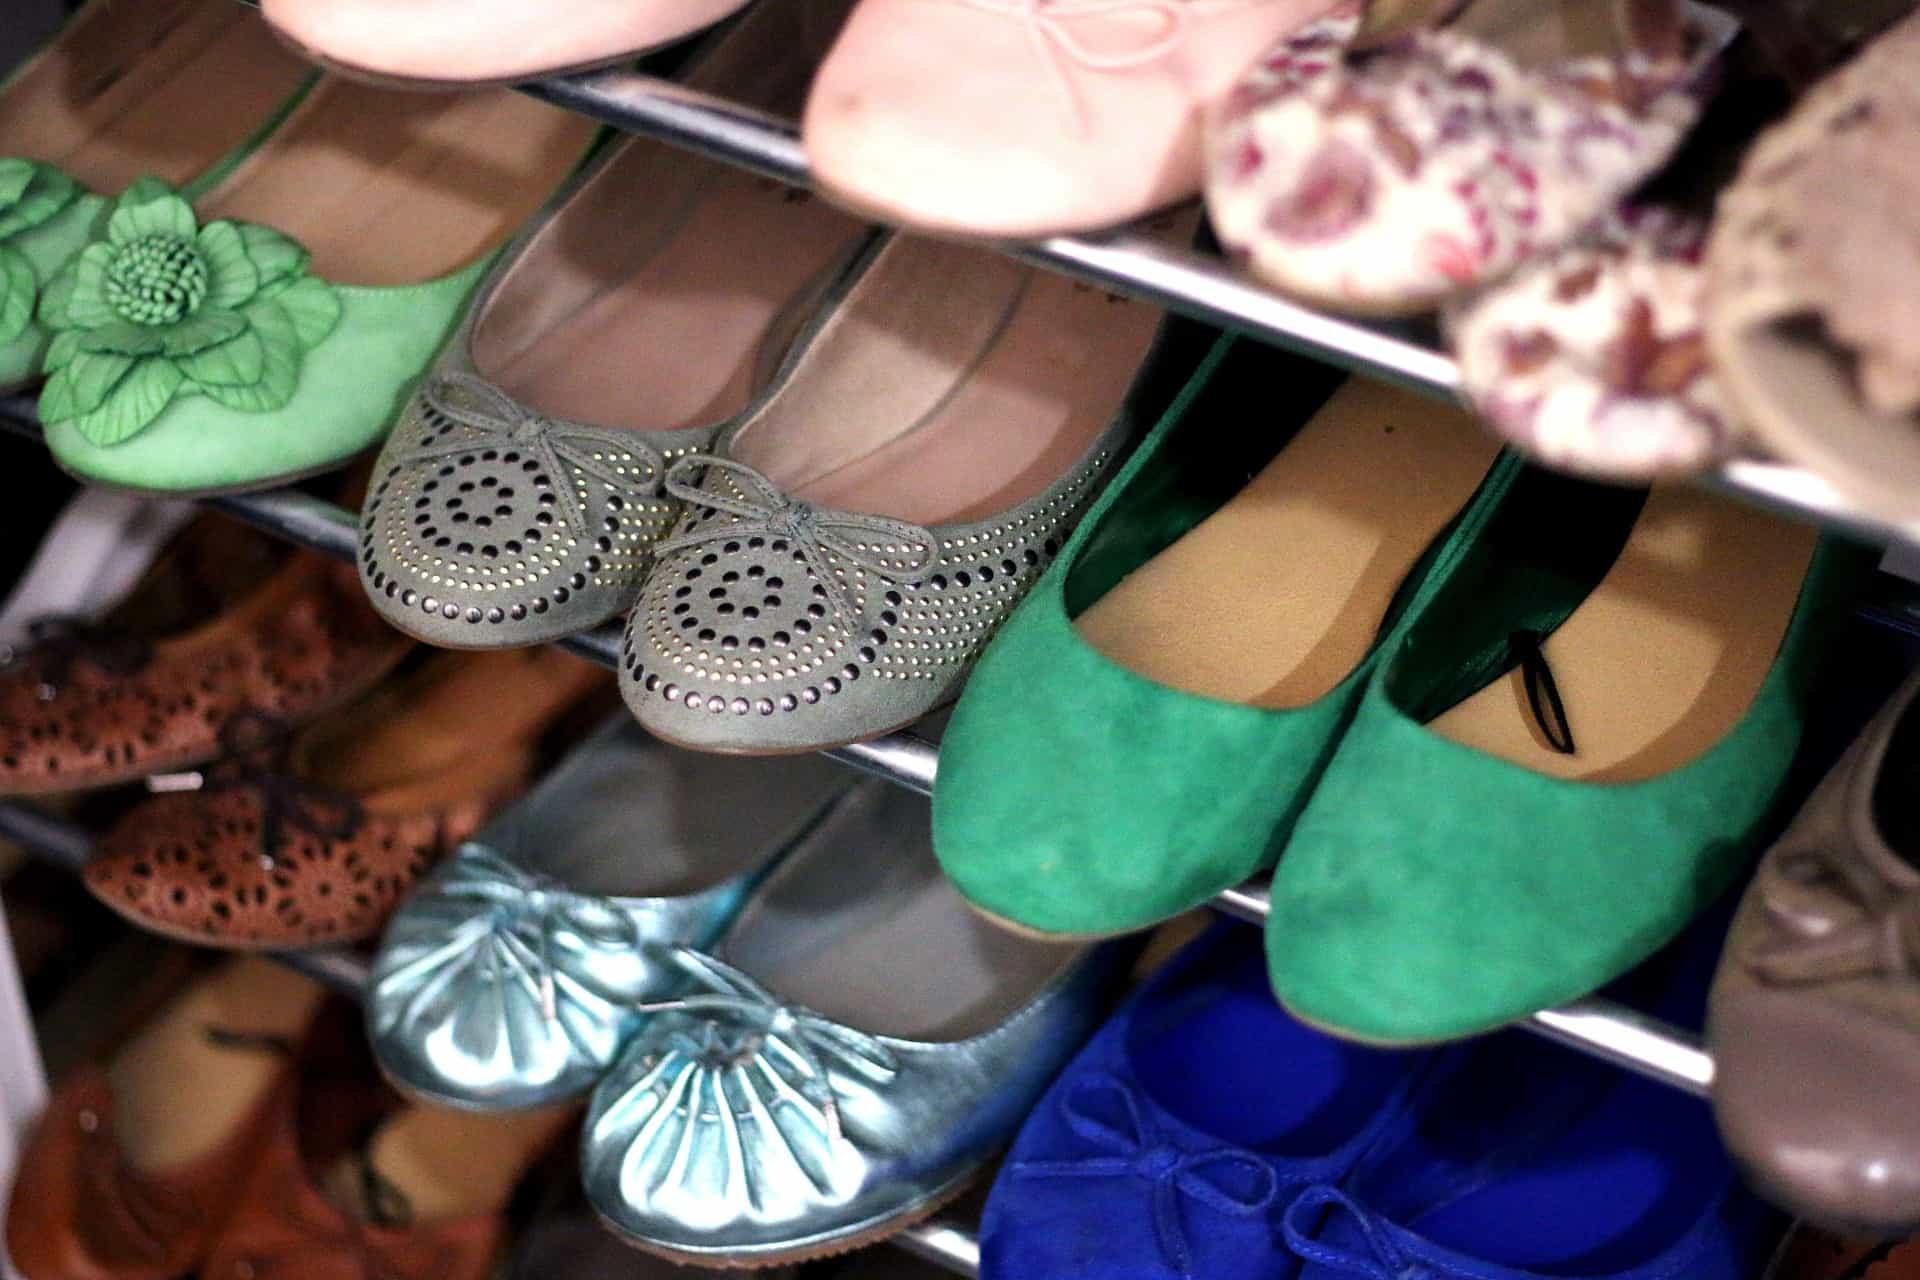 Schuhschrank: Test & Empfehlungen (01/20)